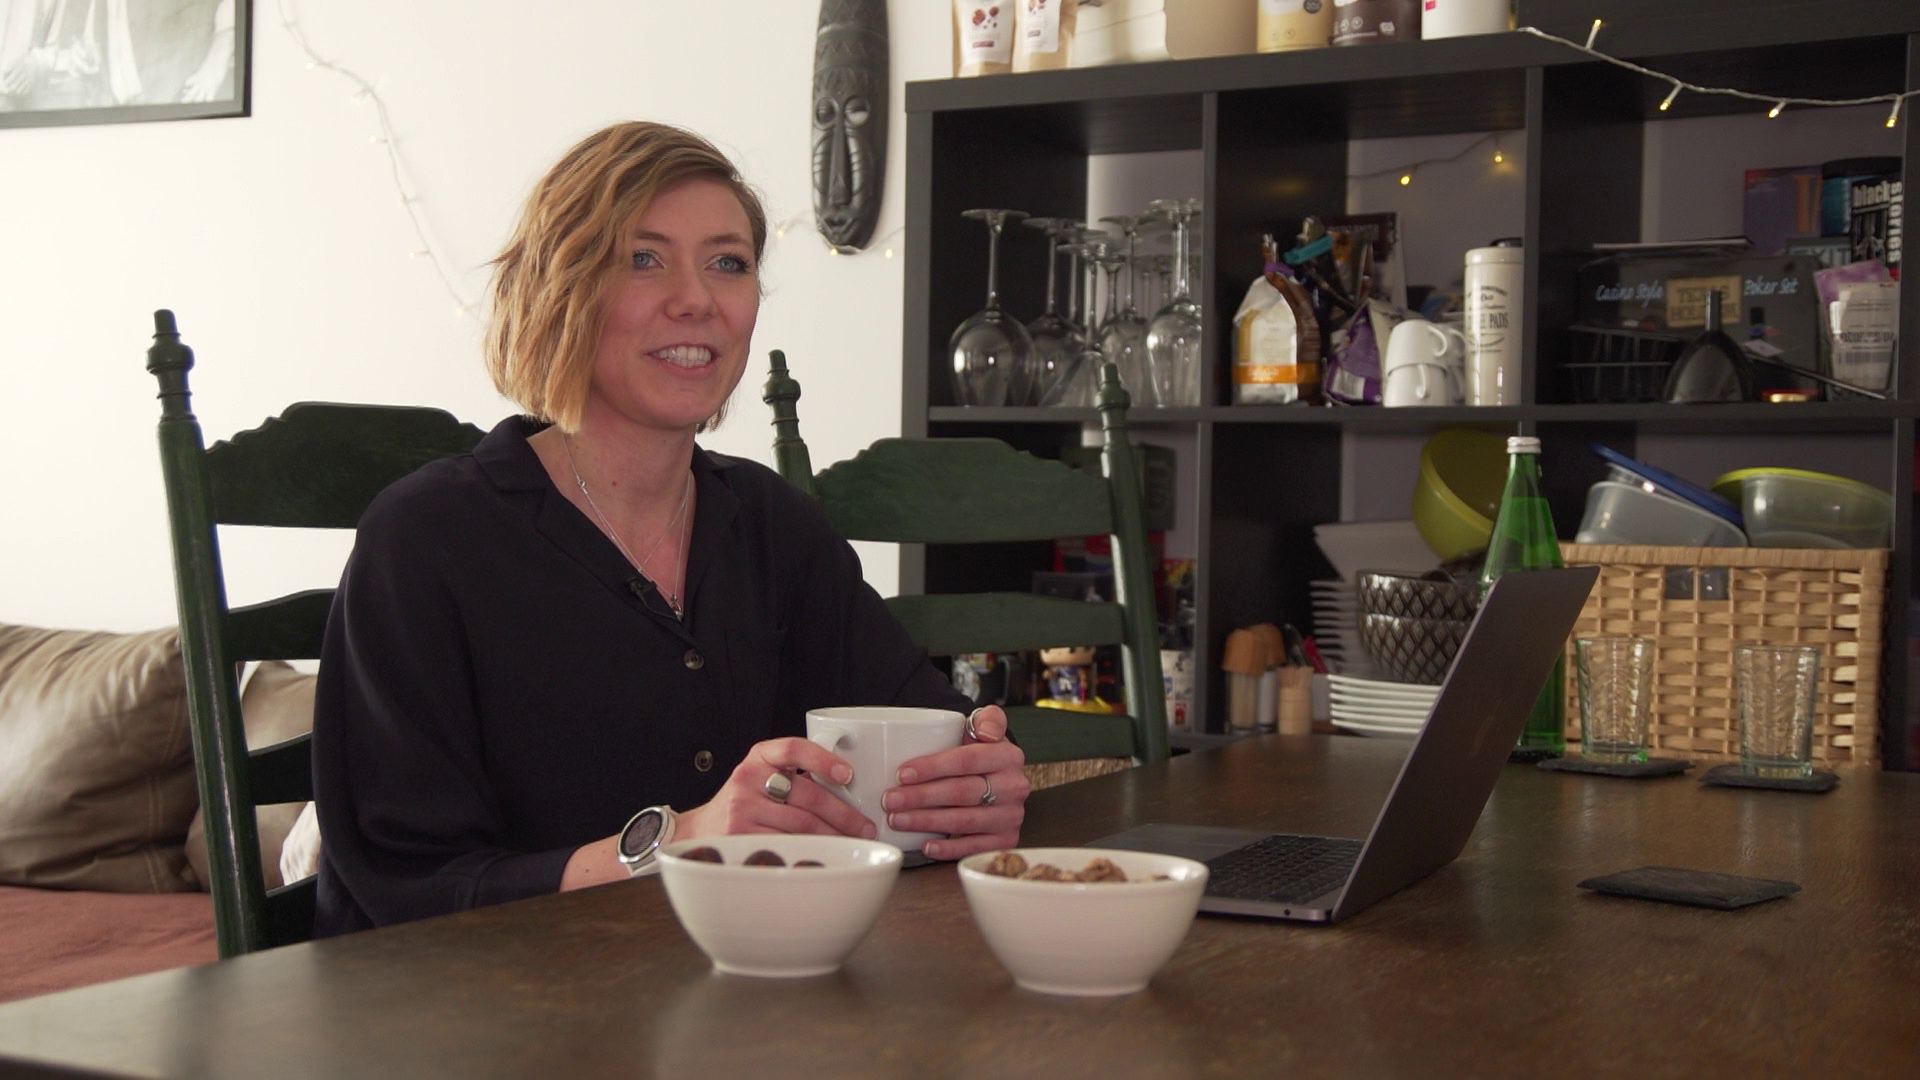 Mit gesunden Snacks gegen Corona-Pfunde – Start-Up will die Sommerfigur retten